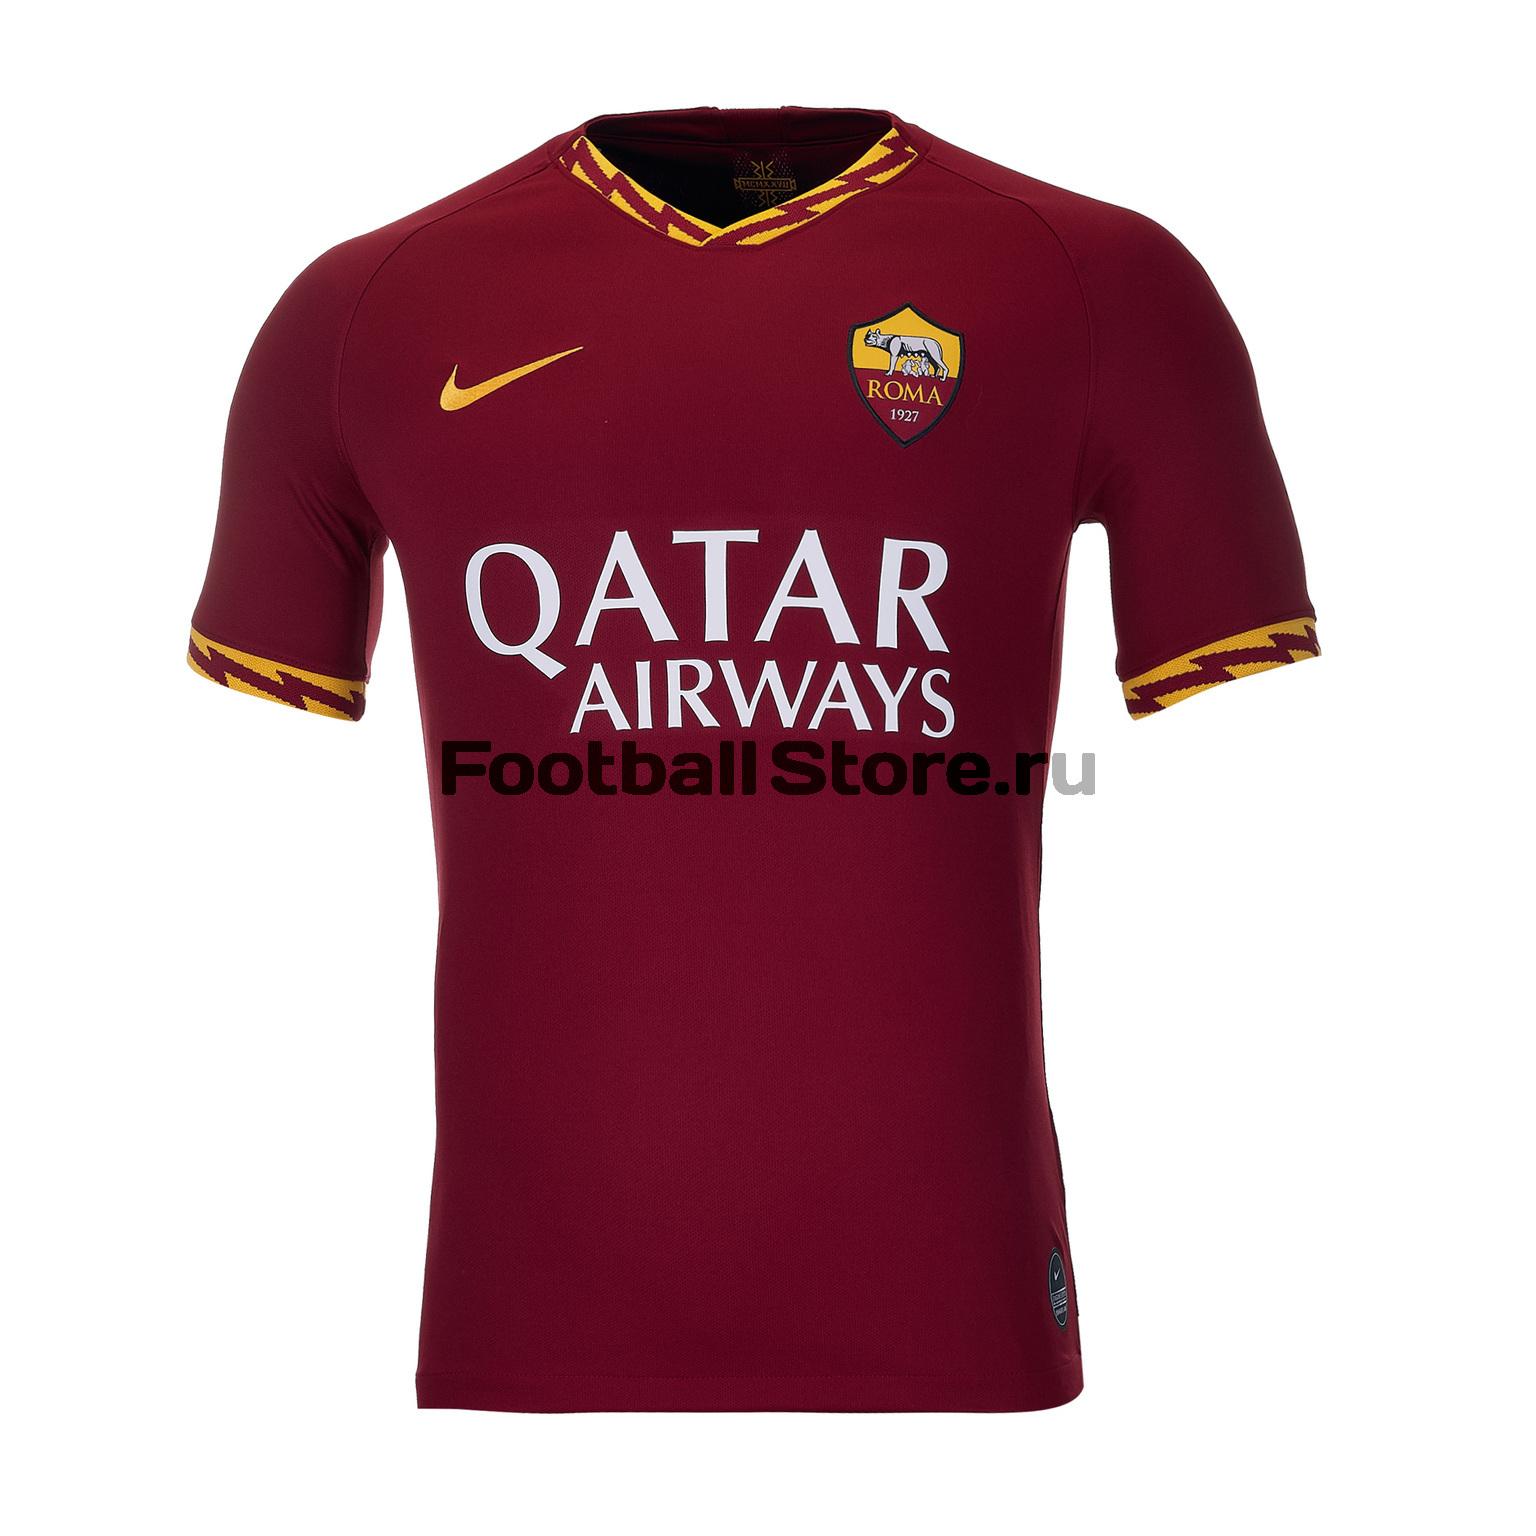 Футболка игровая домашняя Nike Roma 2019/20 футболка игровая домашняя nike barcelona 2018 19